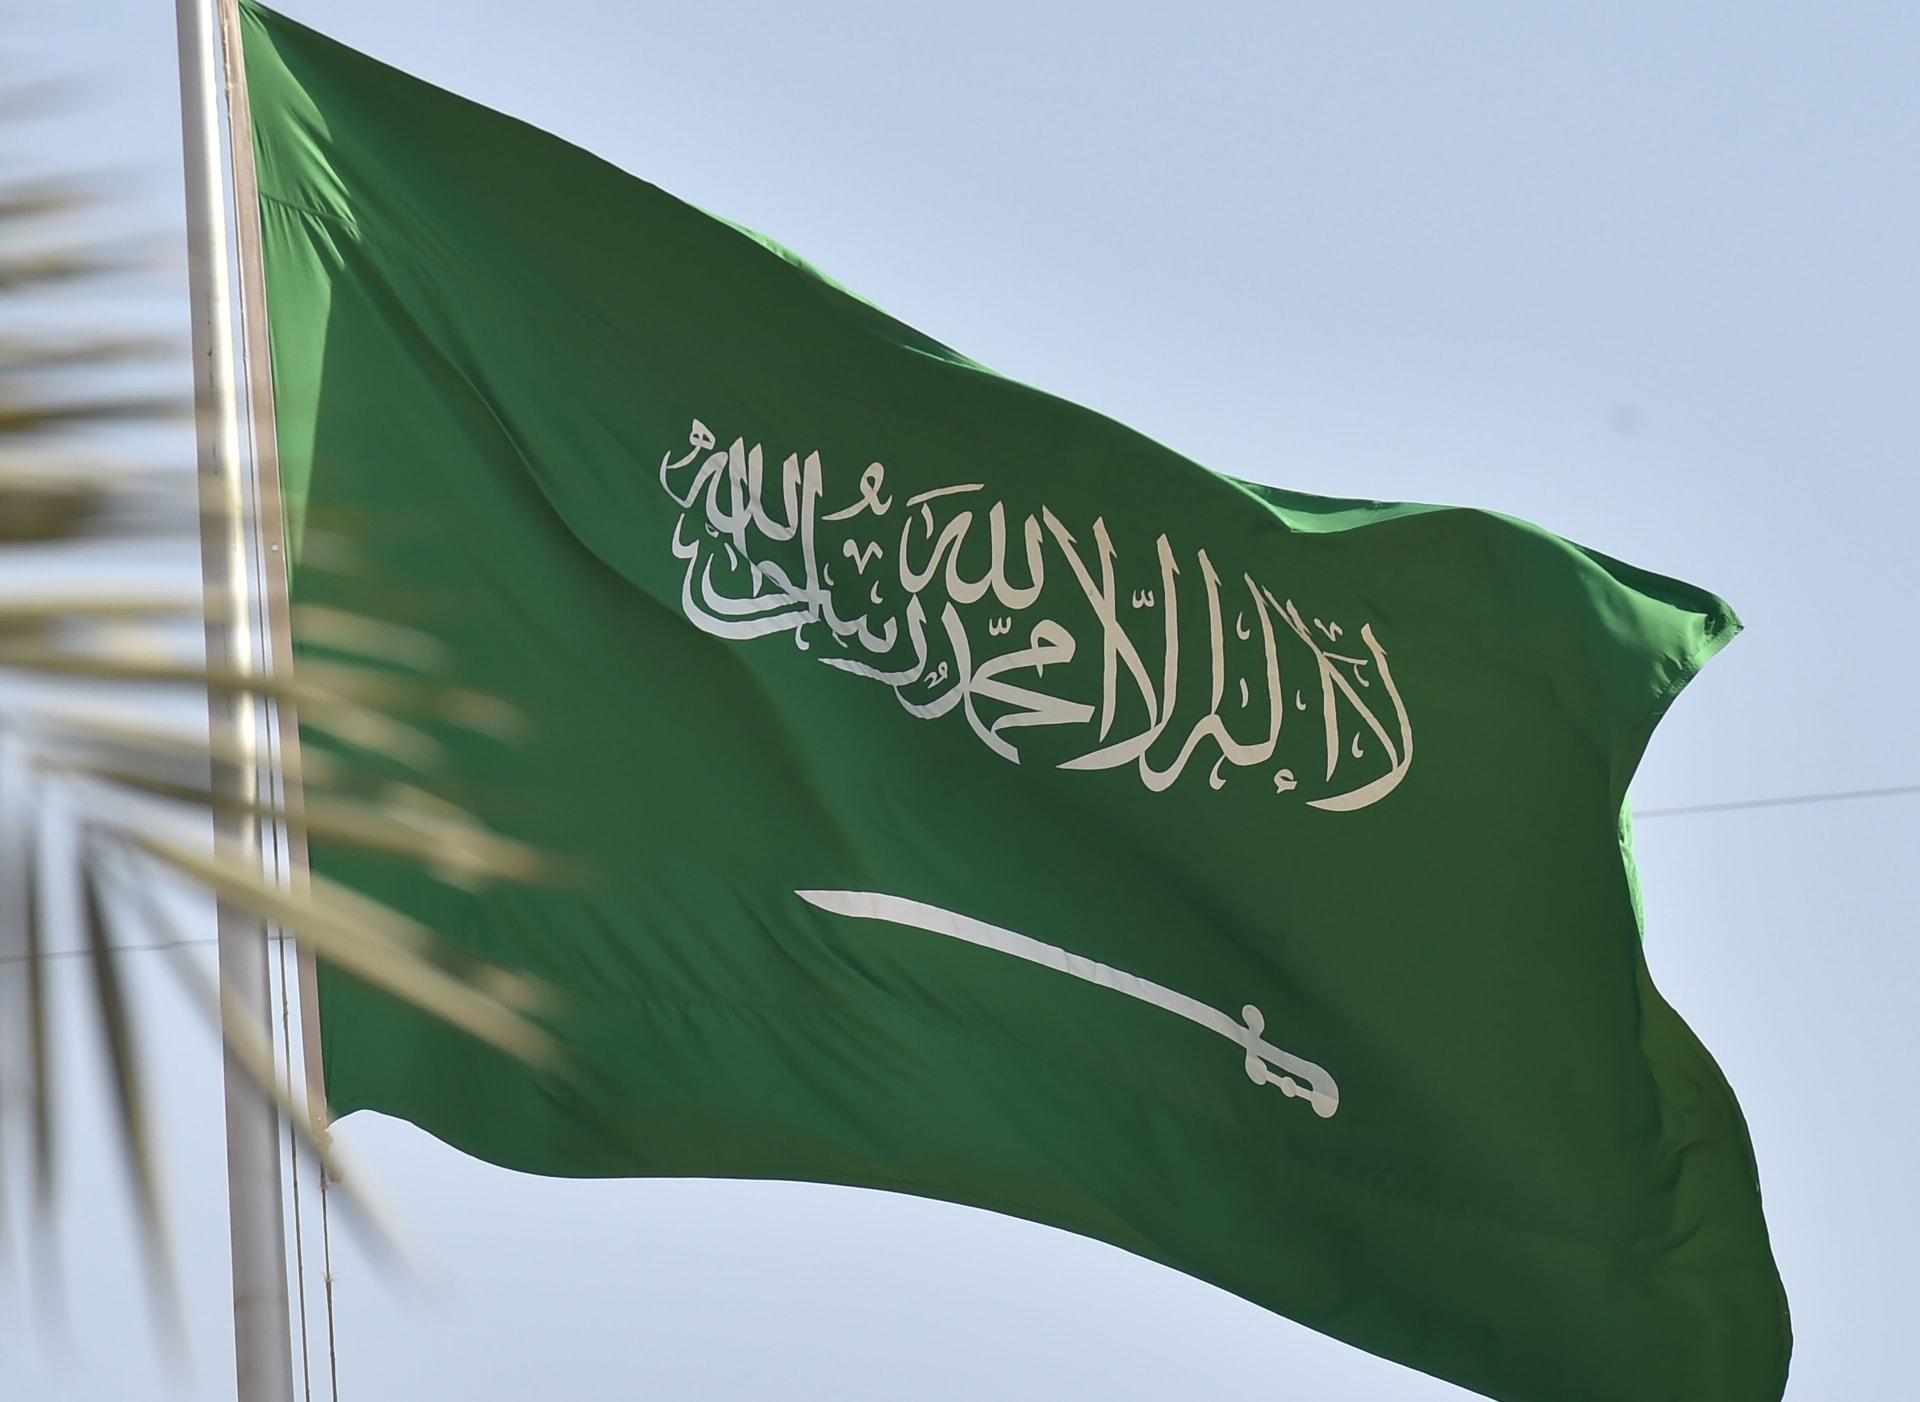 دهس فتاتين في القصيم.. والشرطة السعودية: الجاني مواطن والسيارة مسروقة